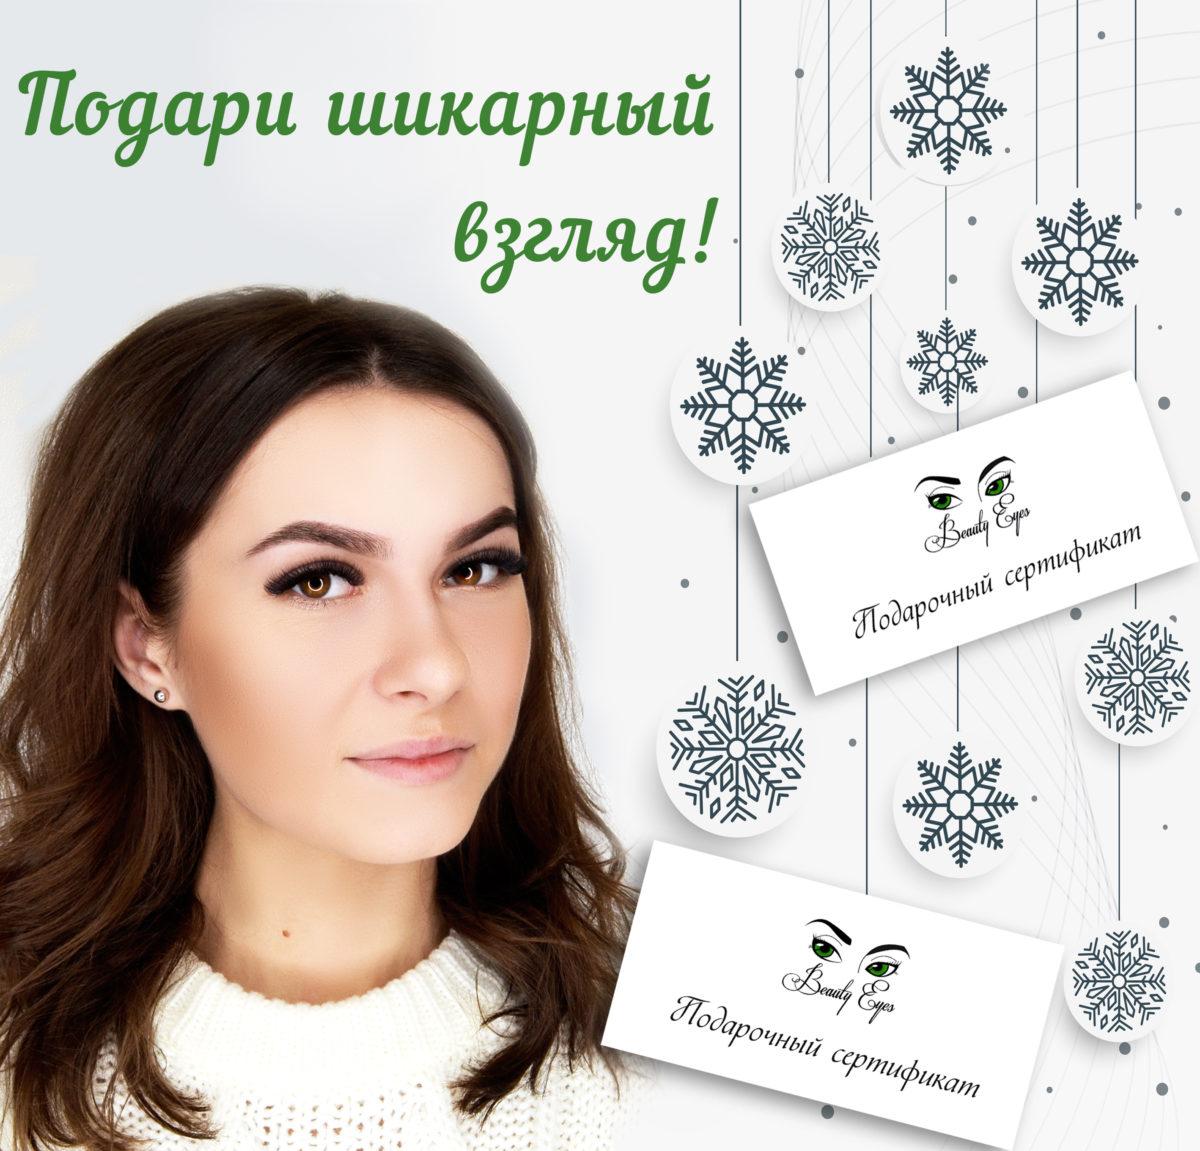 Подари шикарный взгляд. Подарочный сертификат Наращивание ресниц в Минске